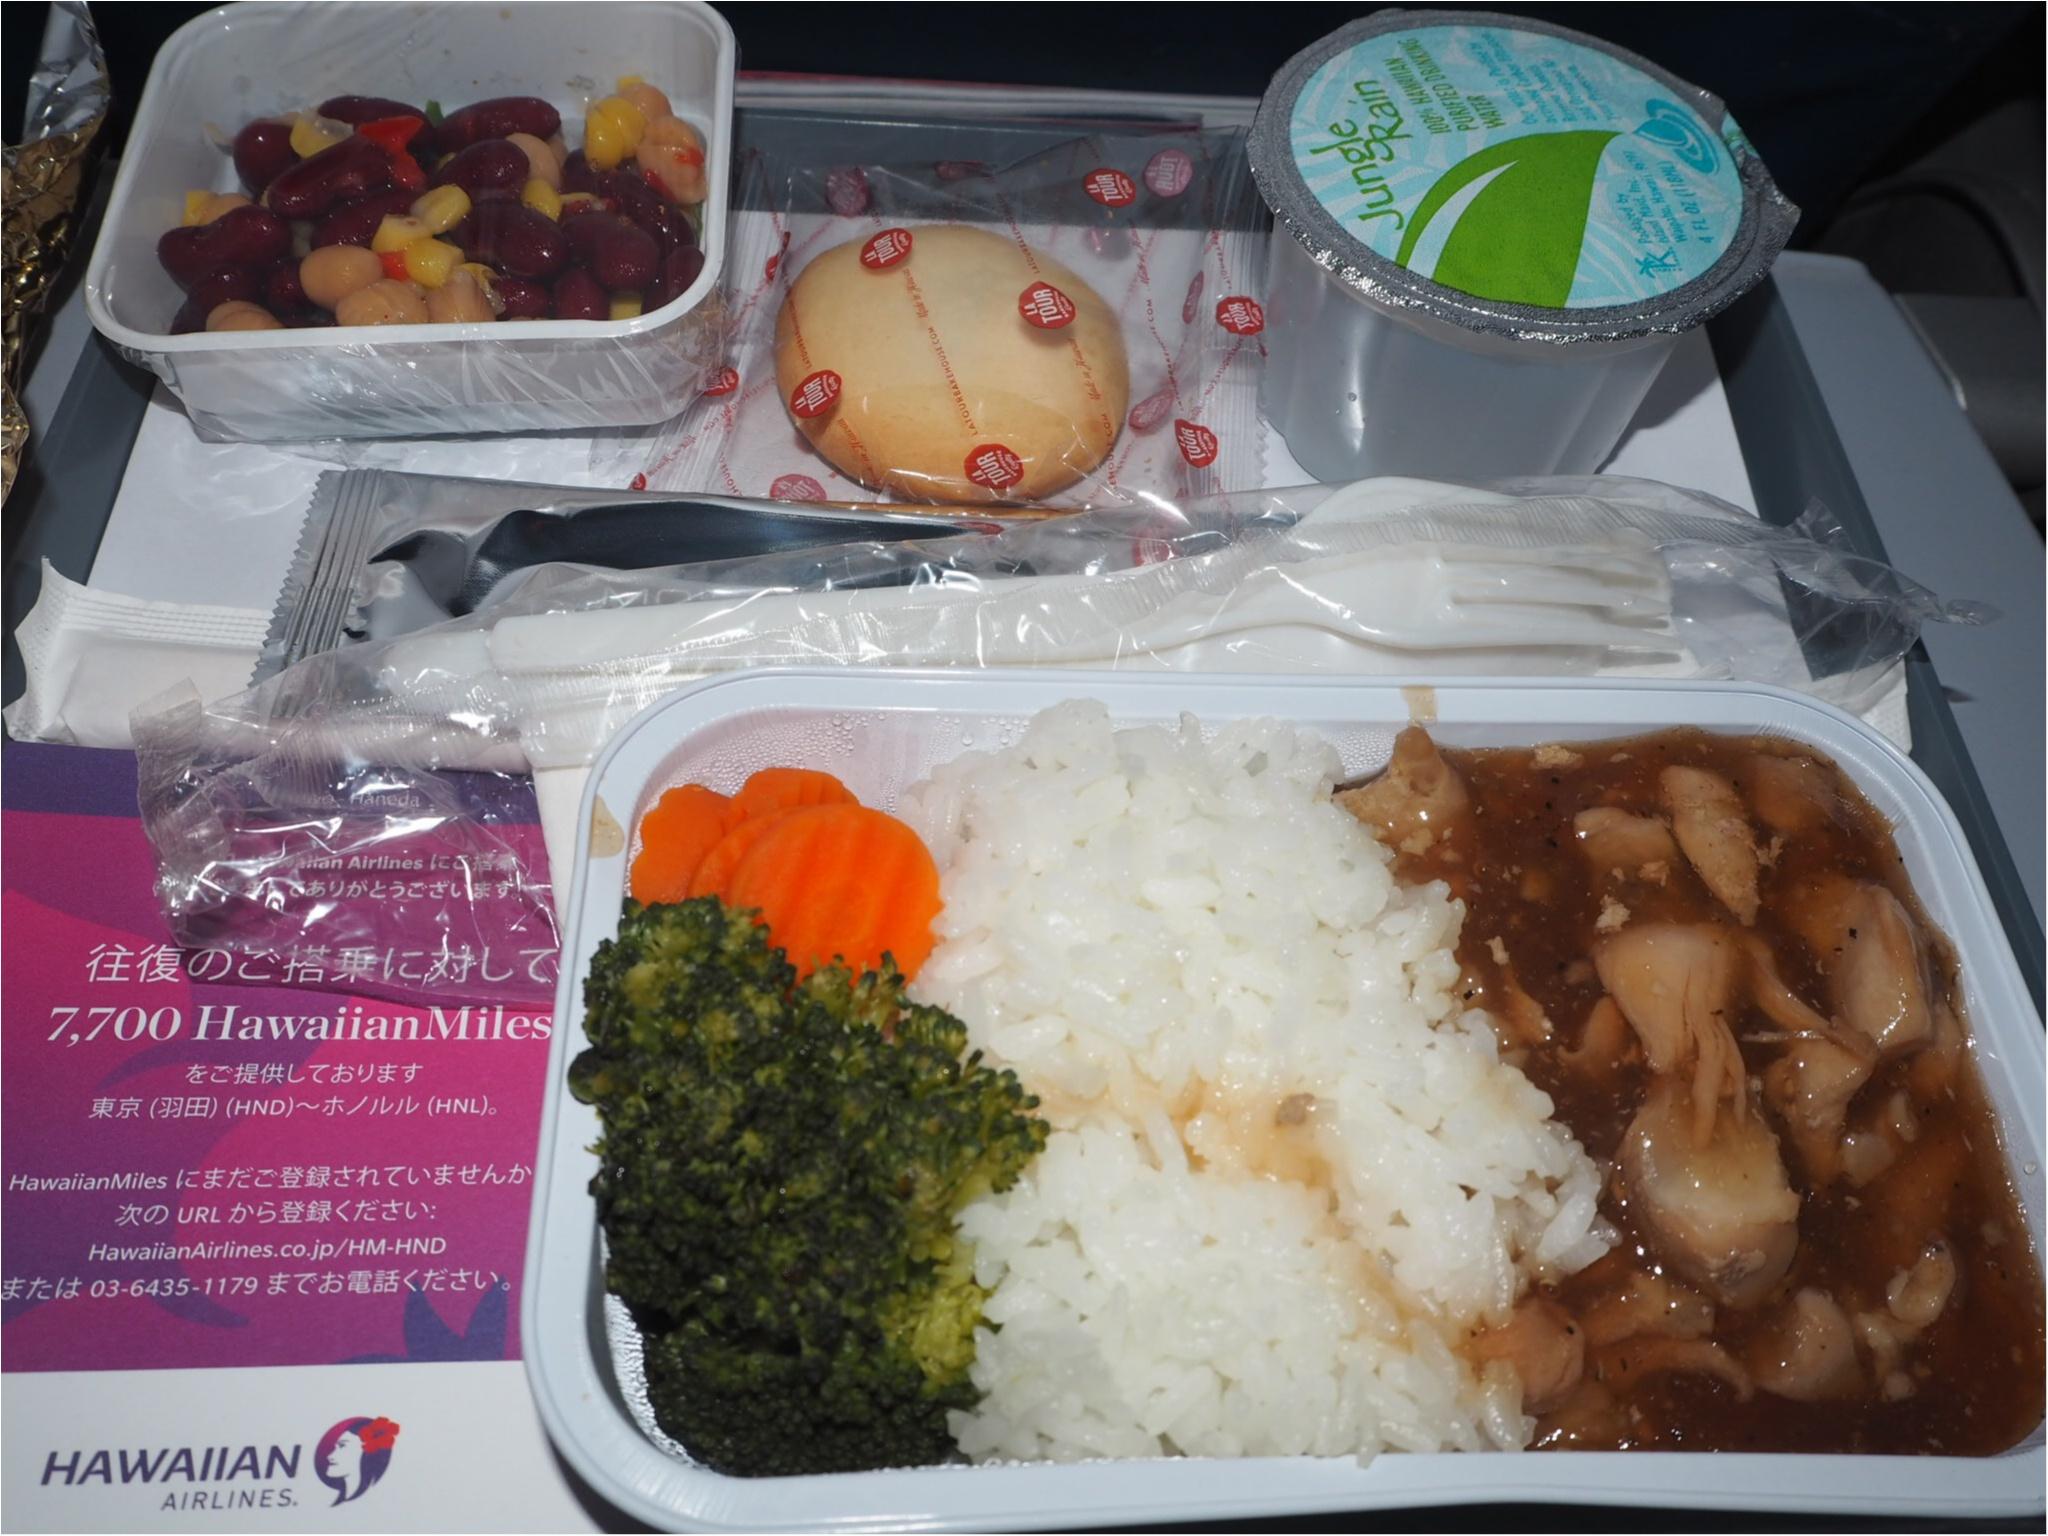 【ハワイ✈︎羽田】帰りの飛行機、ハワイアン航空の機内食はいつ出るの?お答えします‼︎_2